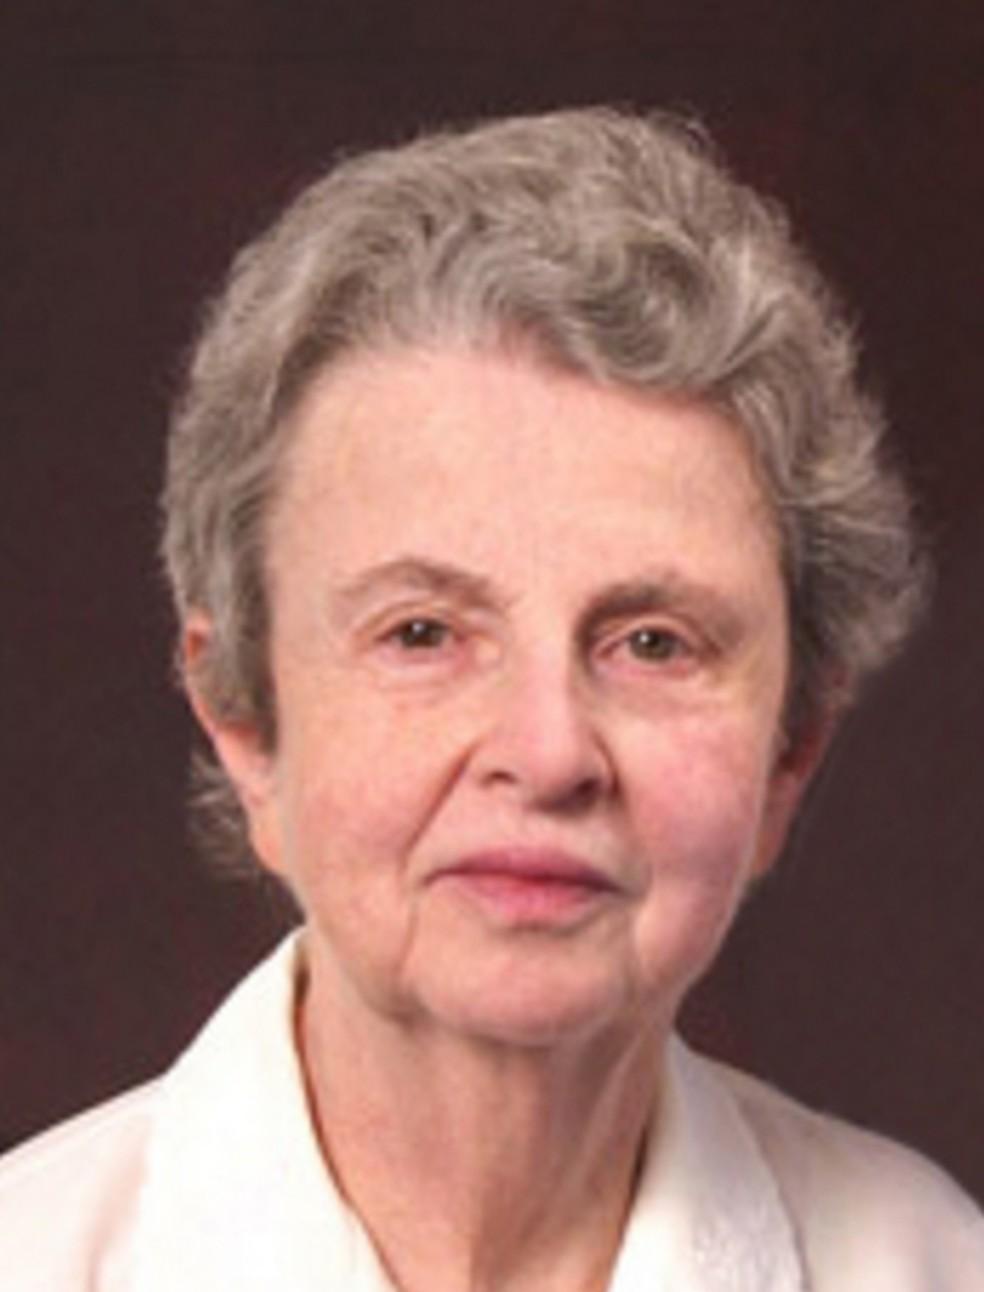 Ruth Sonntag é referência no campo da parasitologia, e fez trabalhos para combate da malária e da doença de Chagas (Foto: Divulgação/CNPq)